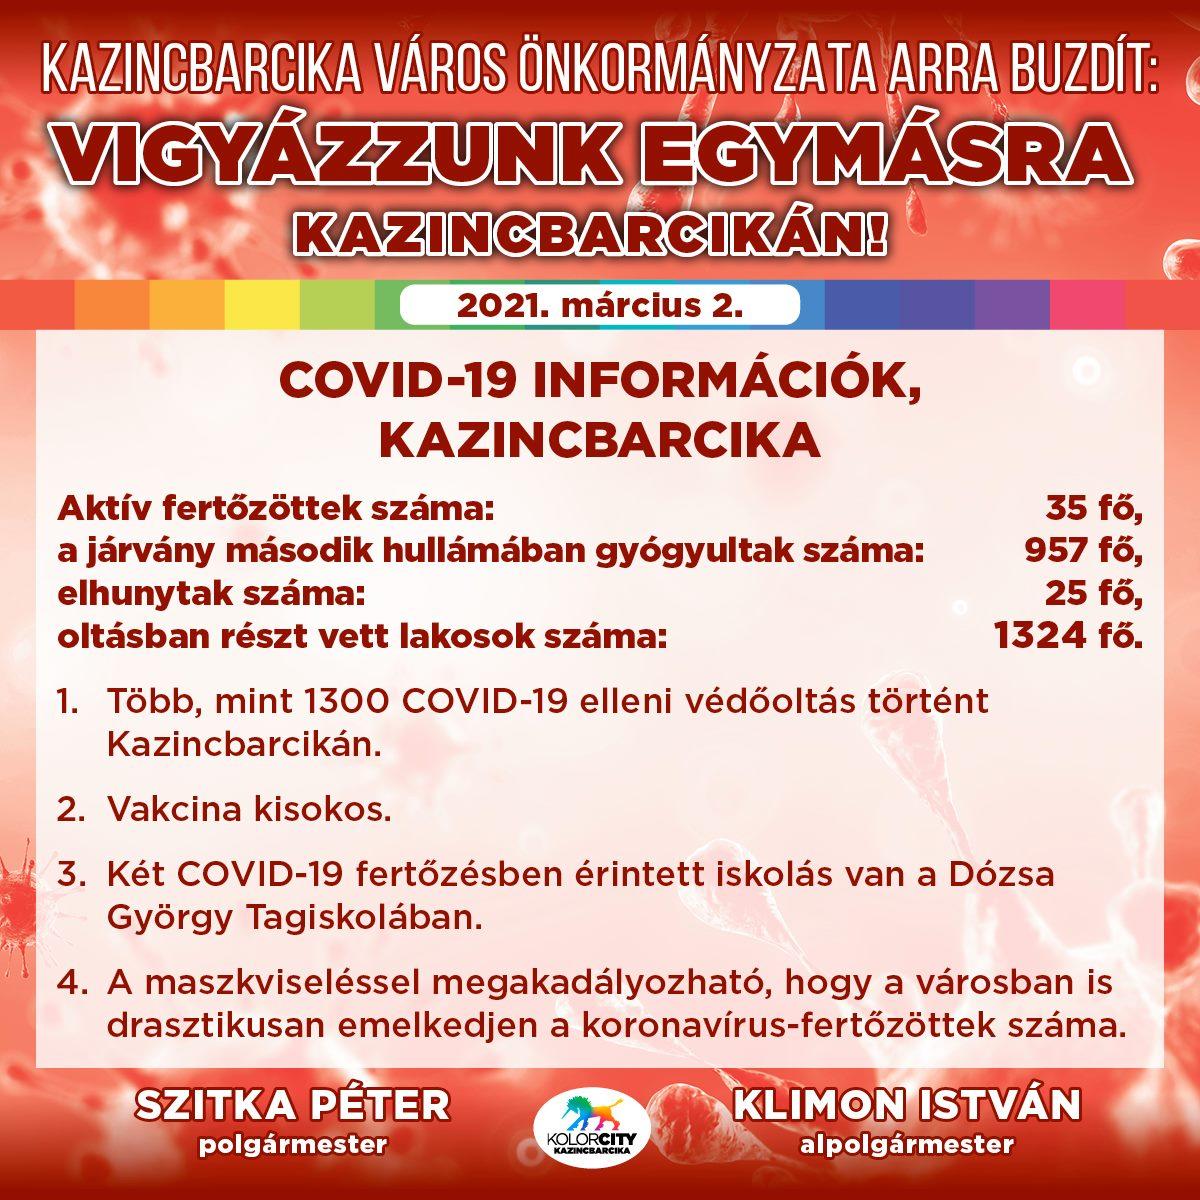 https://kolorline.hu/Vigyázzunk egymásra Kazincbarcikán! – 2021. március 2.